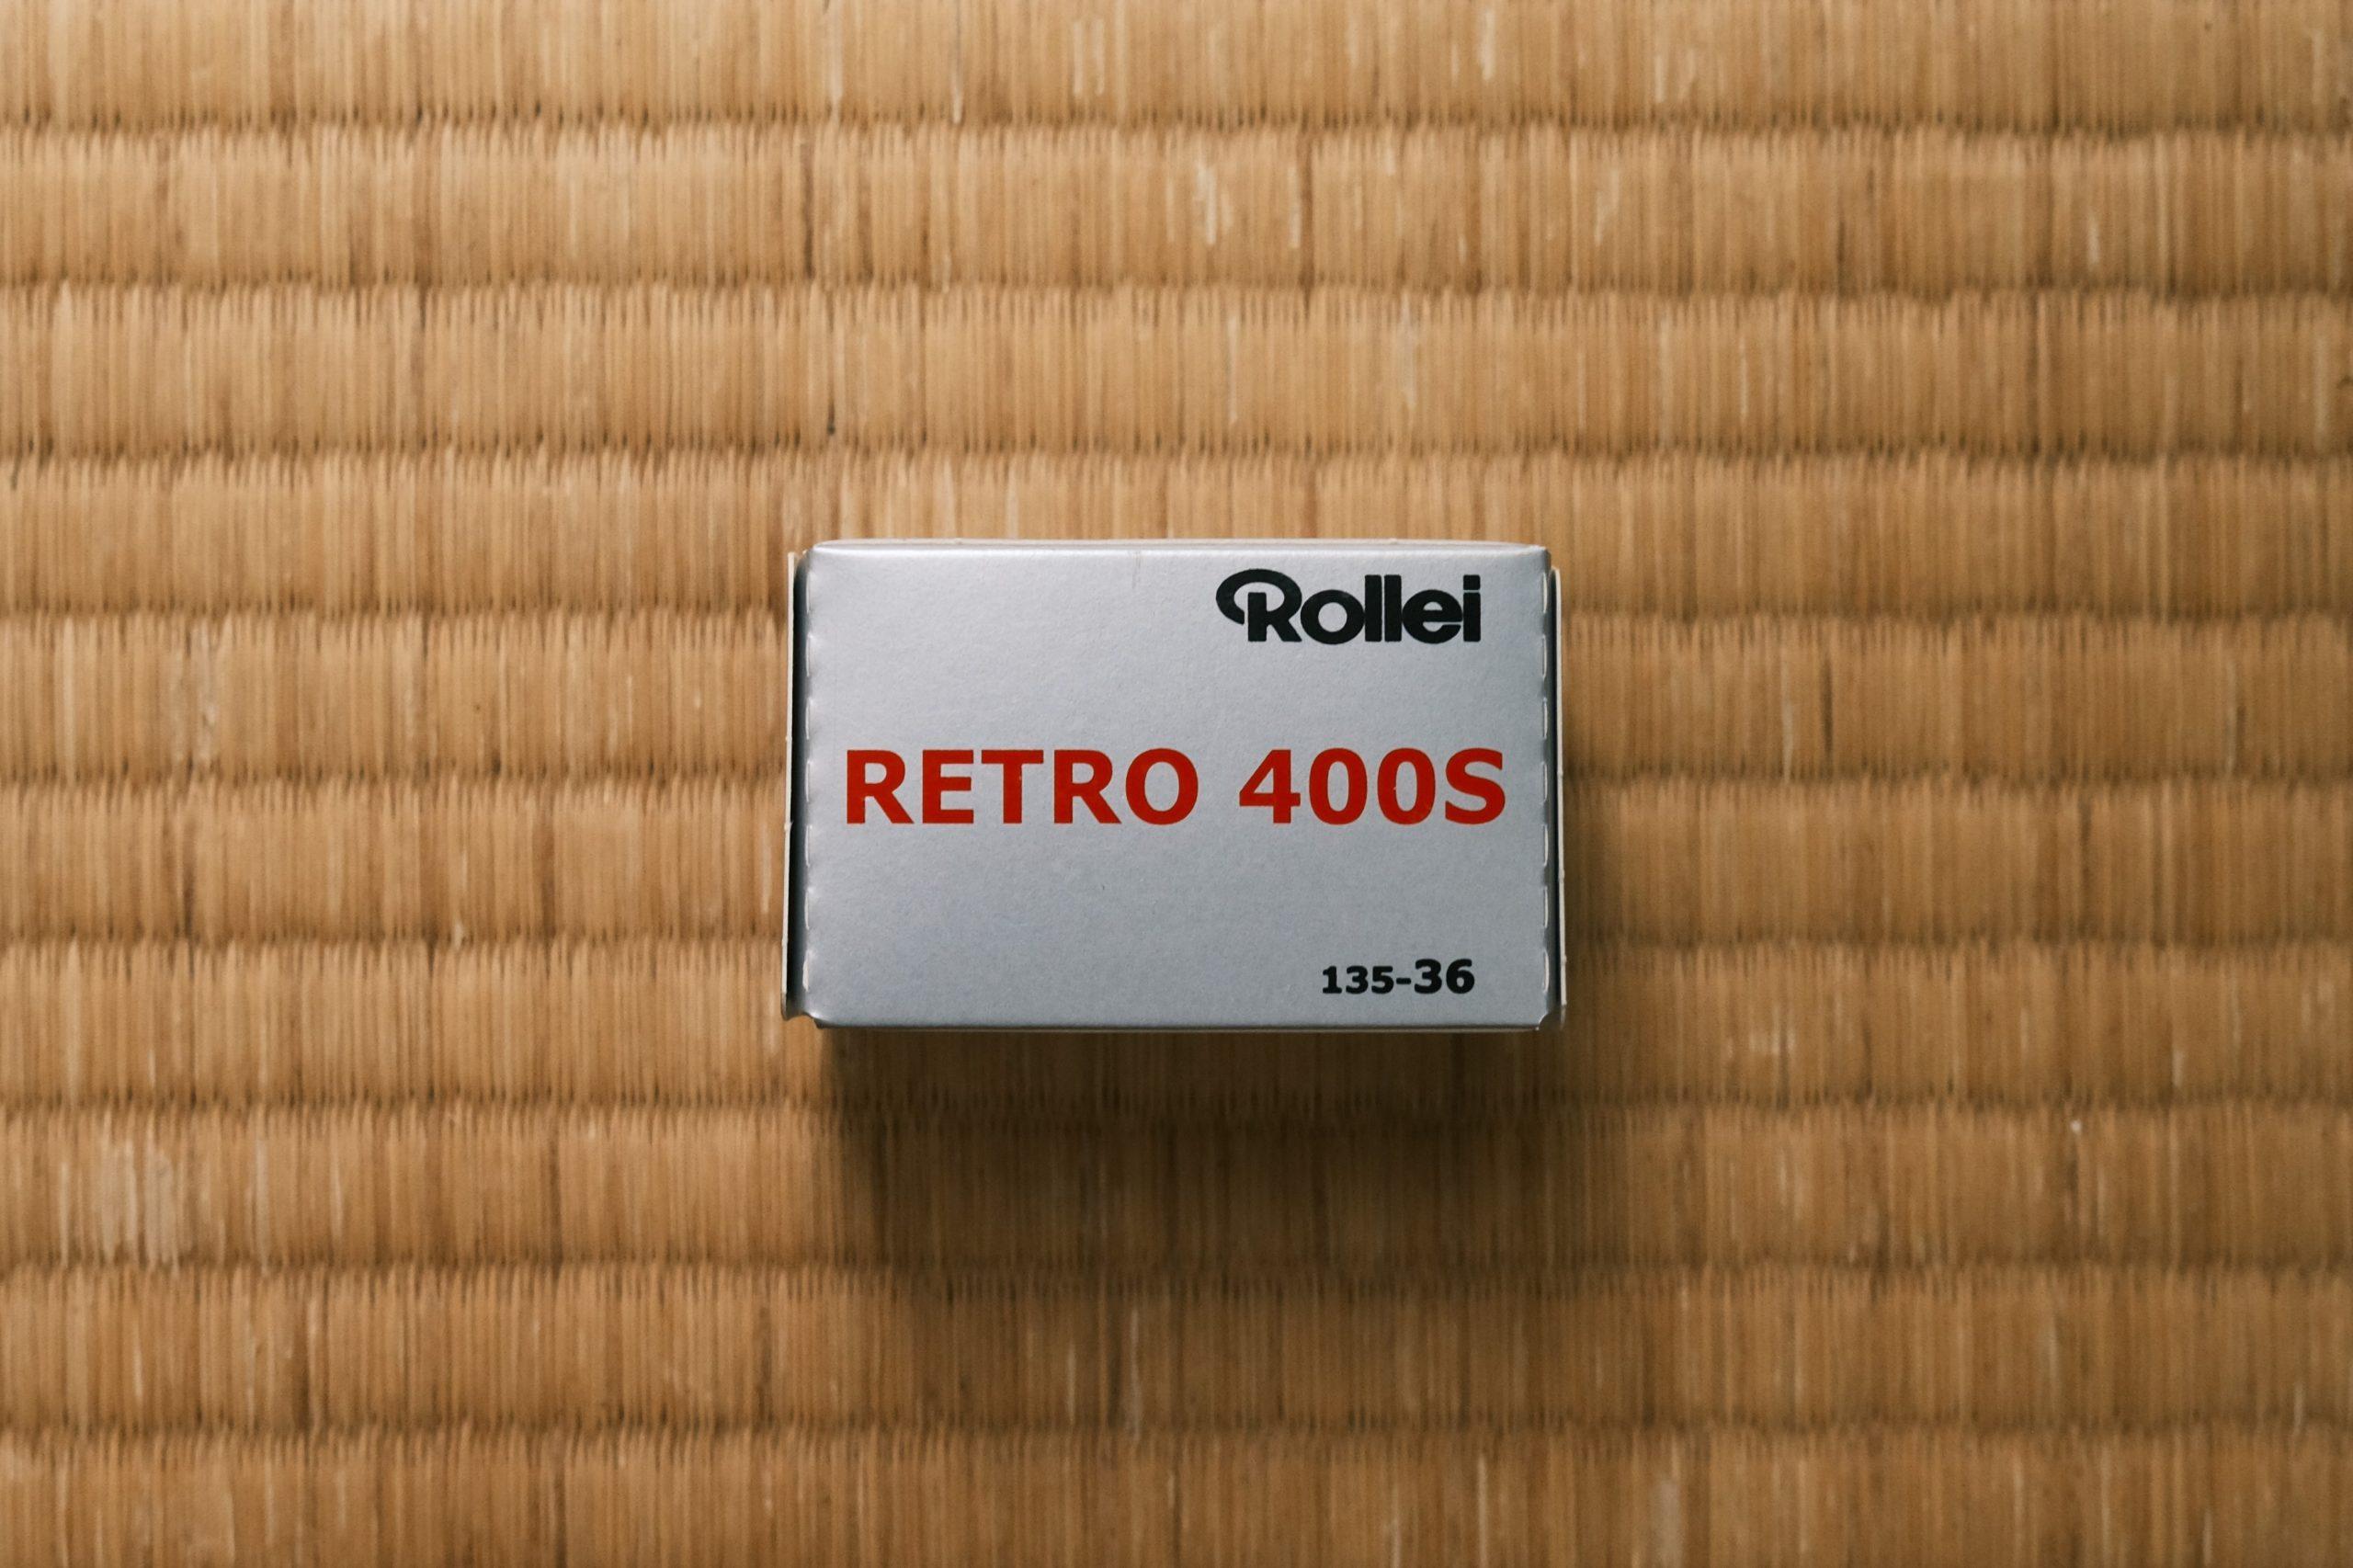 銀塩写真列伝 Rollei Retro 400s編